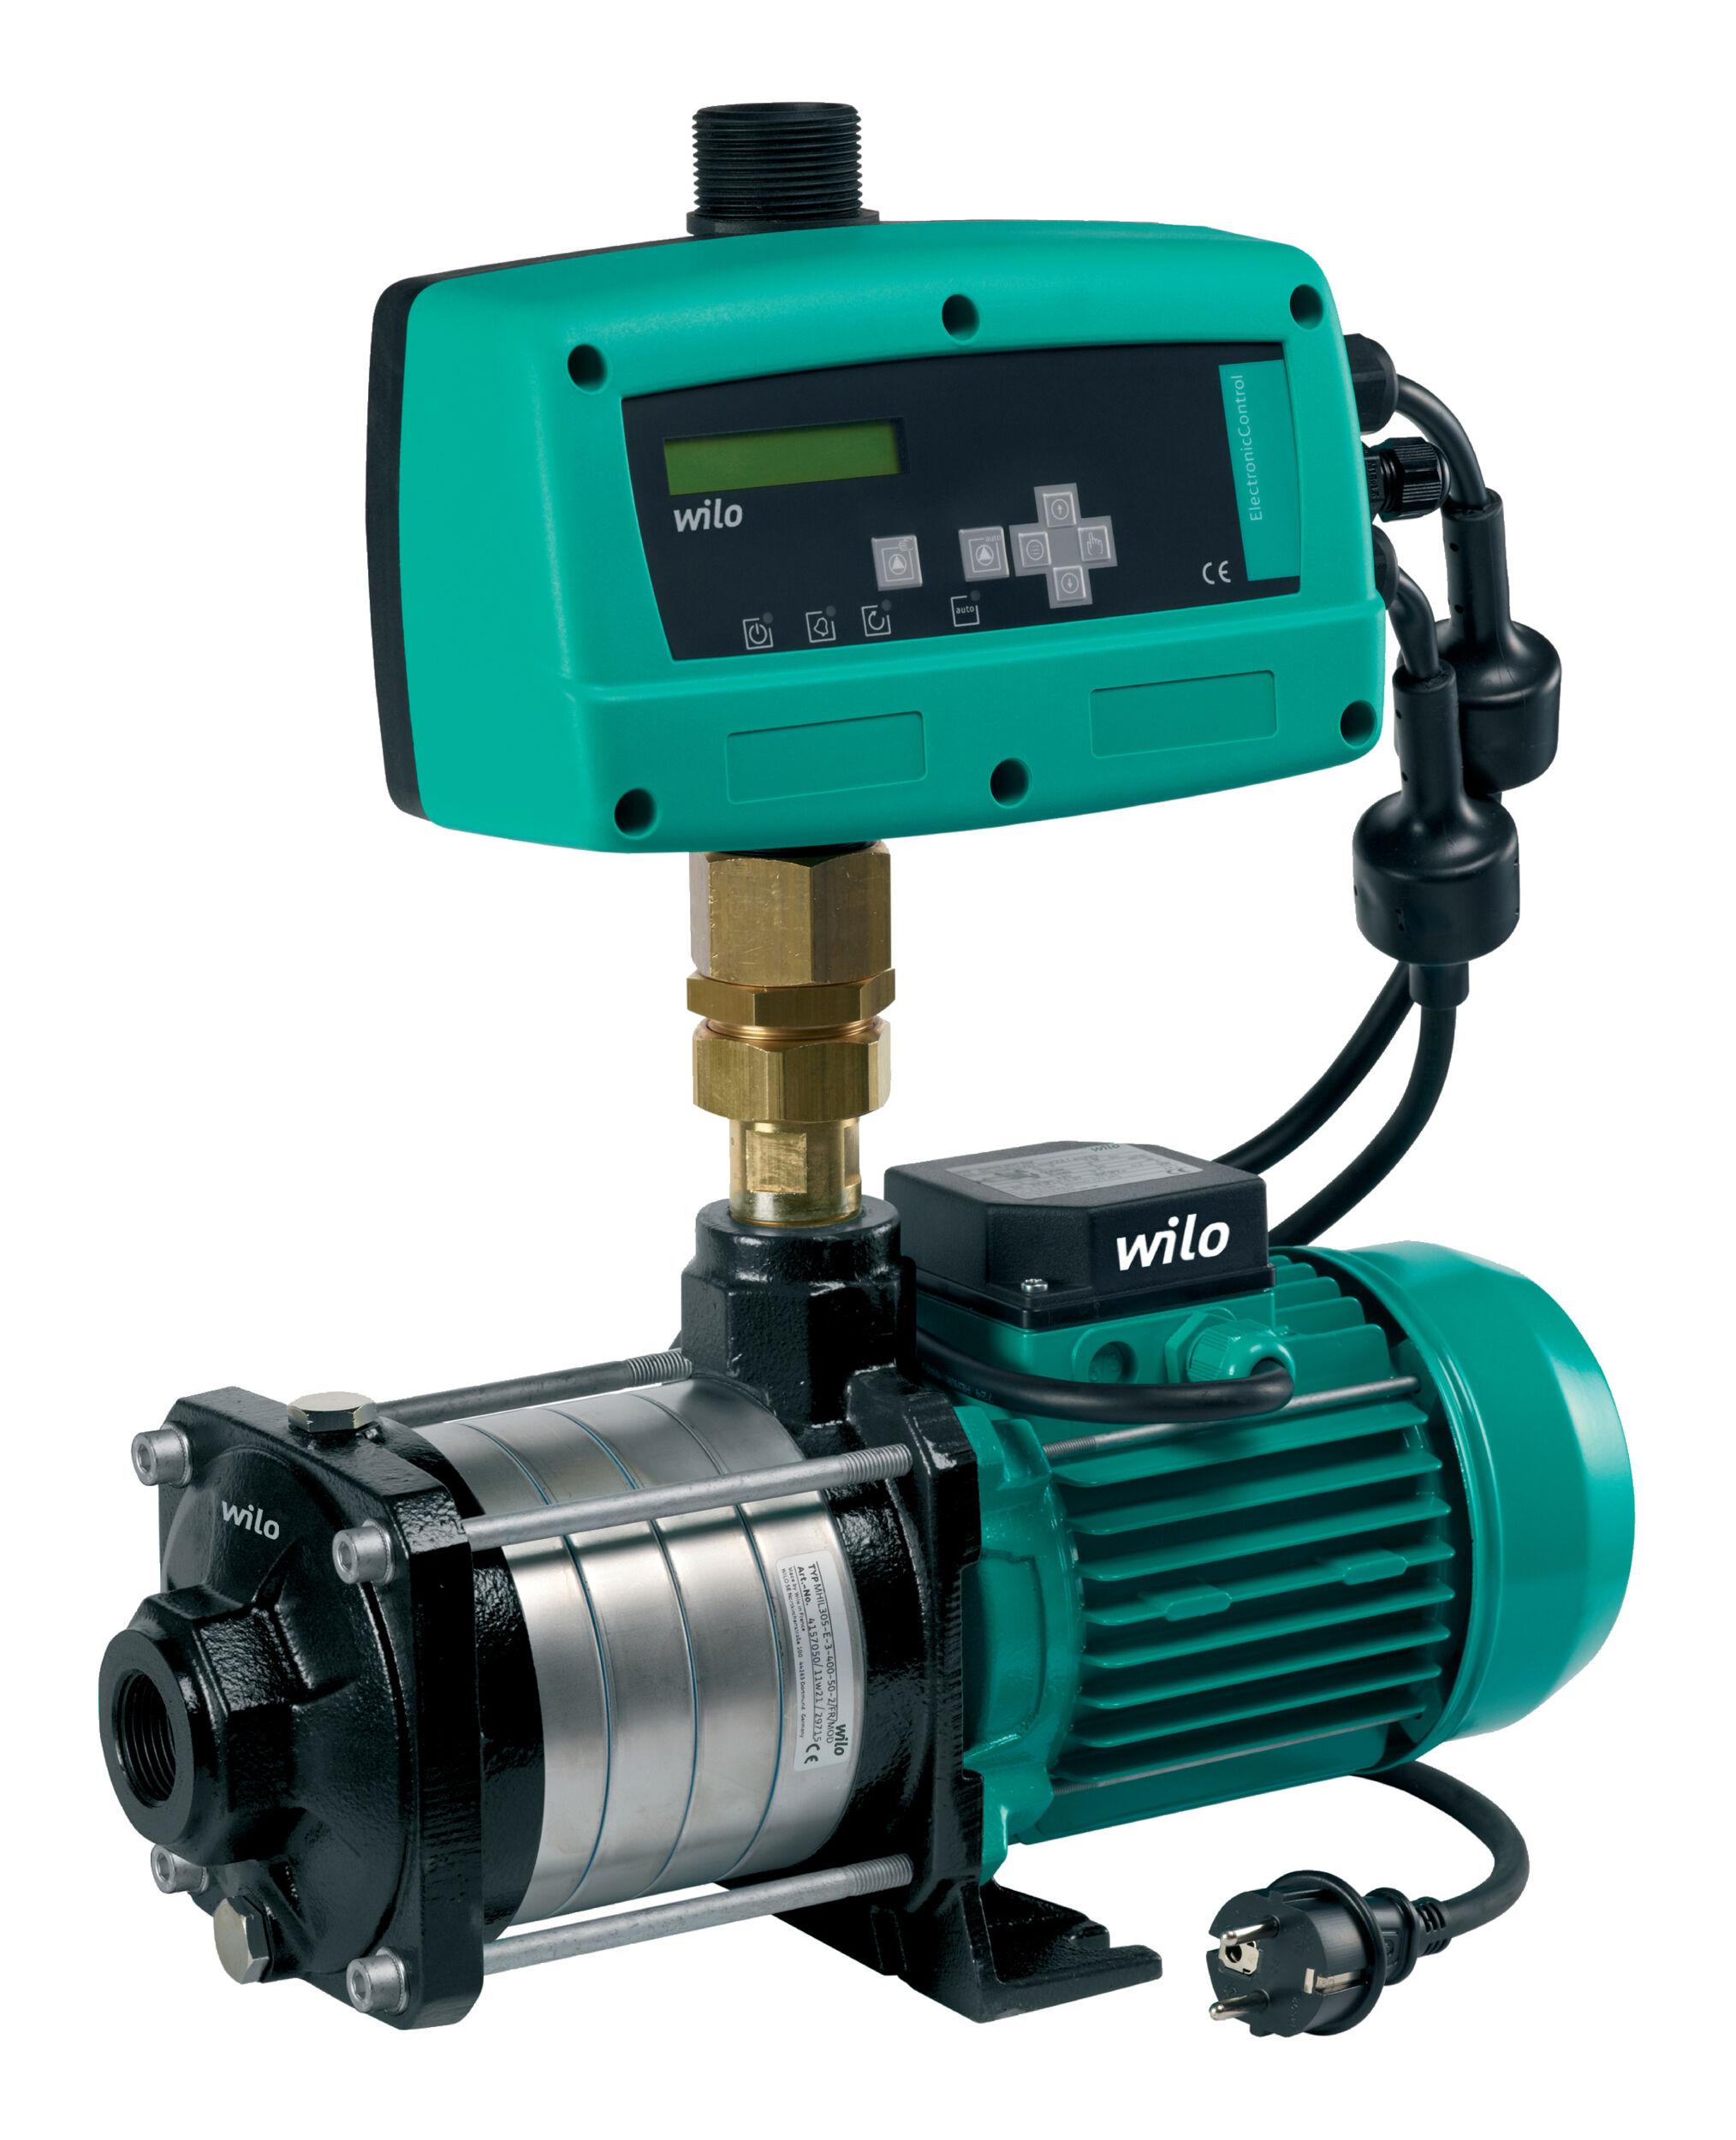 Wasserversorgungsanlage EMHIL Typ 504 M, 230 V, 50 Hz, 10 bar... 4161134